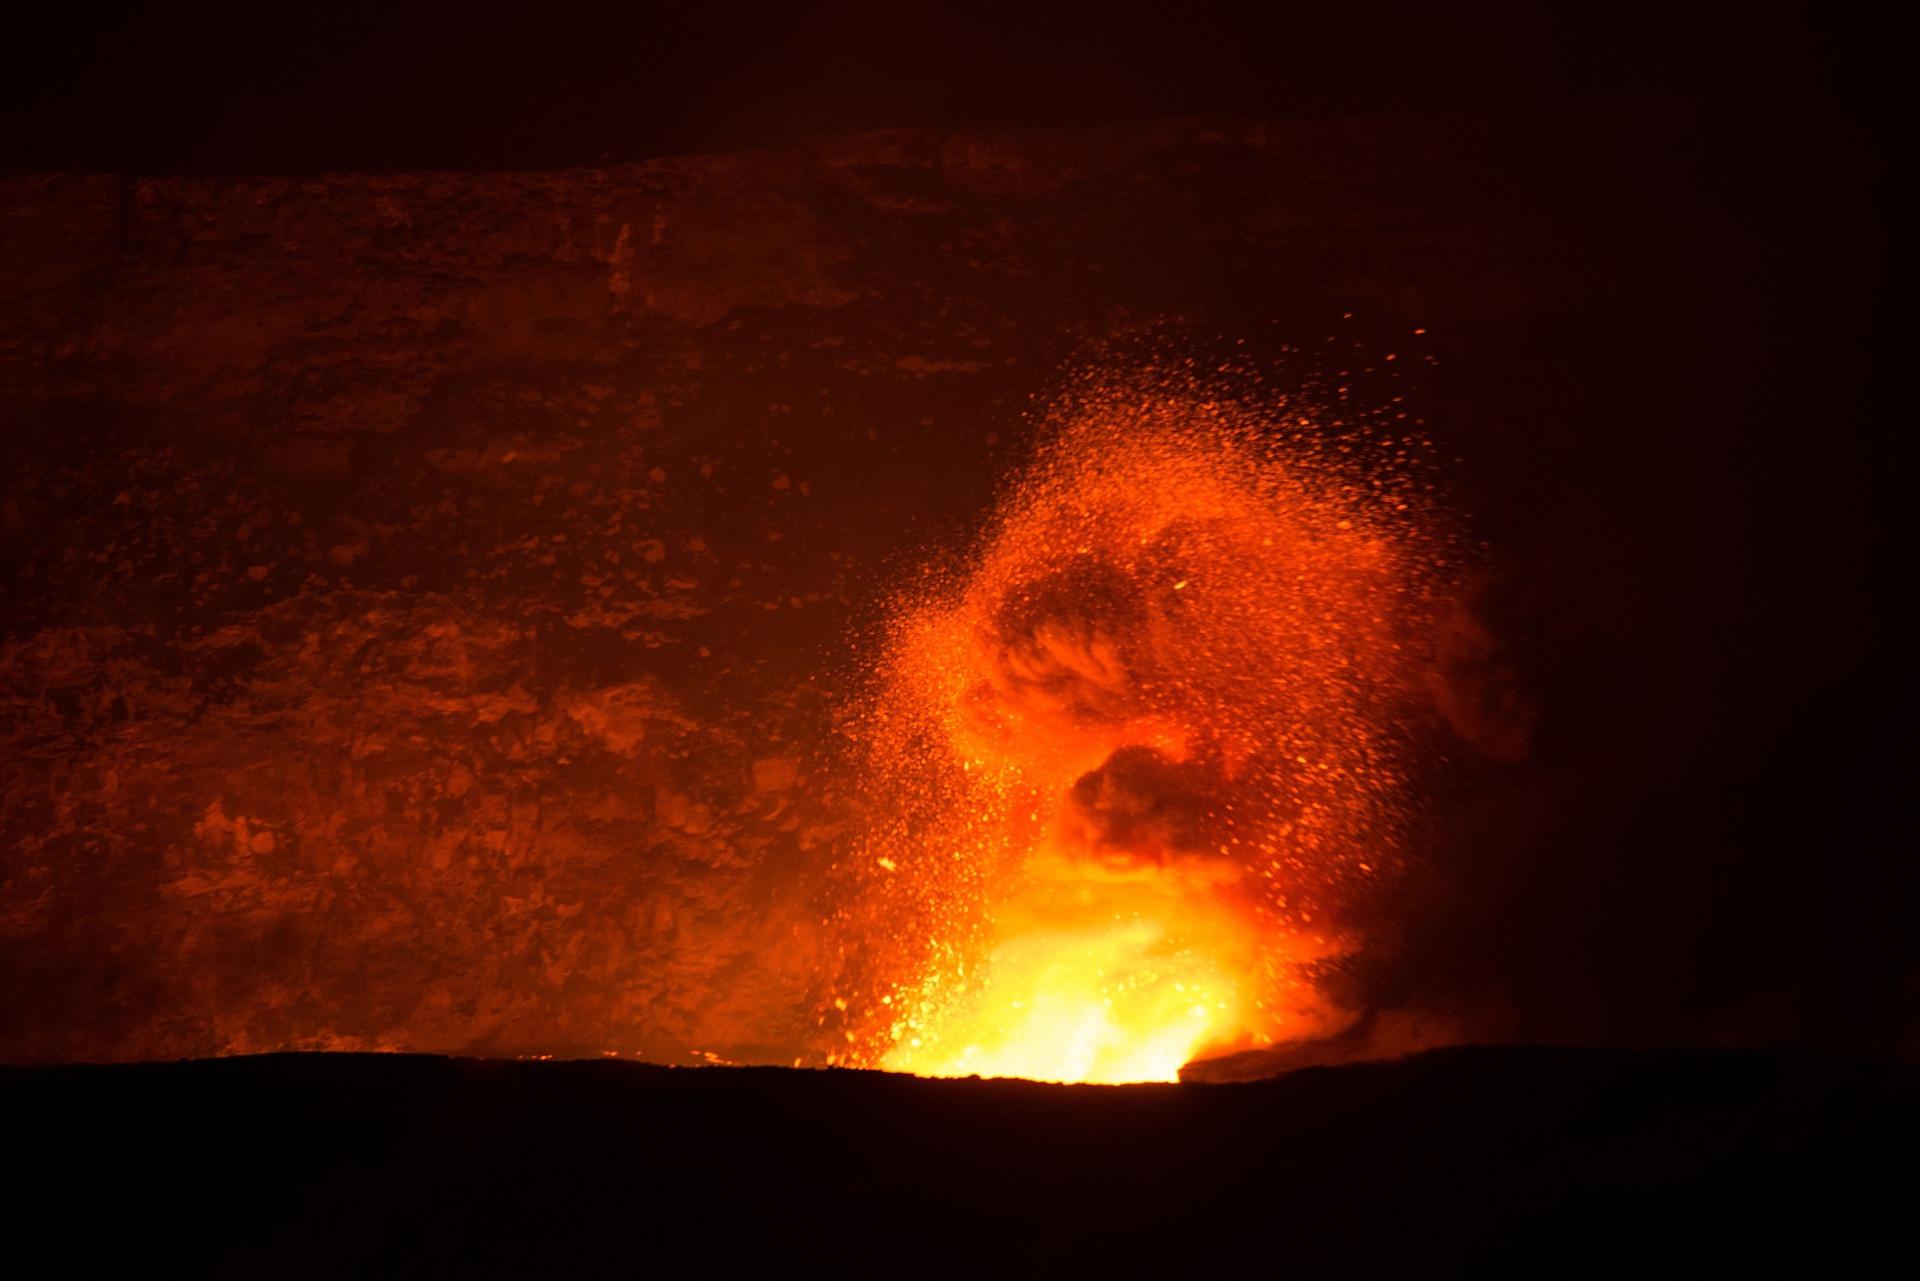 La ciudad de Los Ángeles, California es conocido mundialmente por sus volcanes activos.